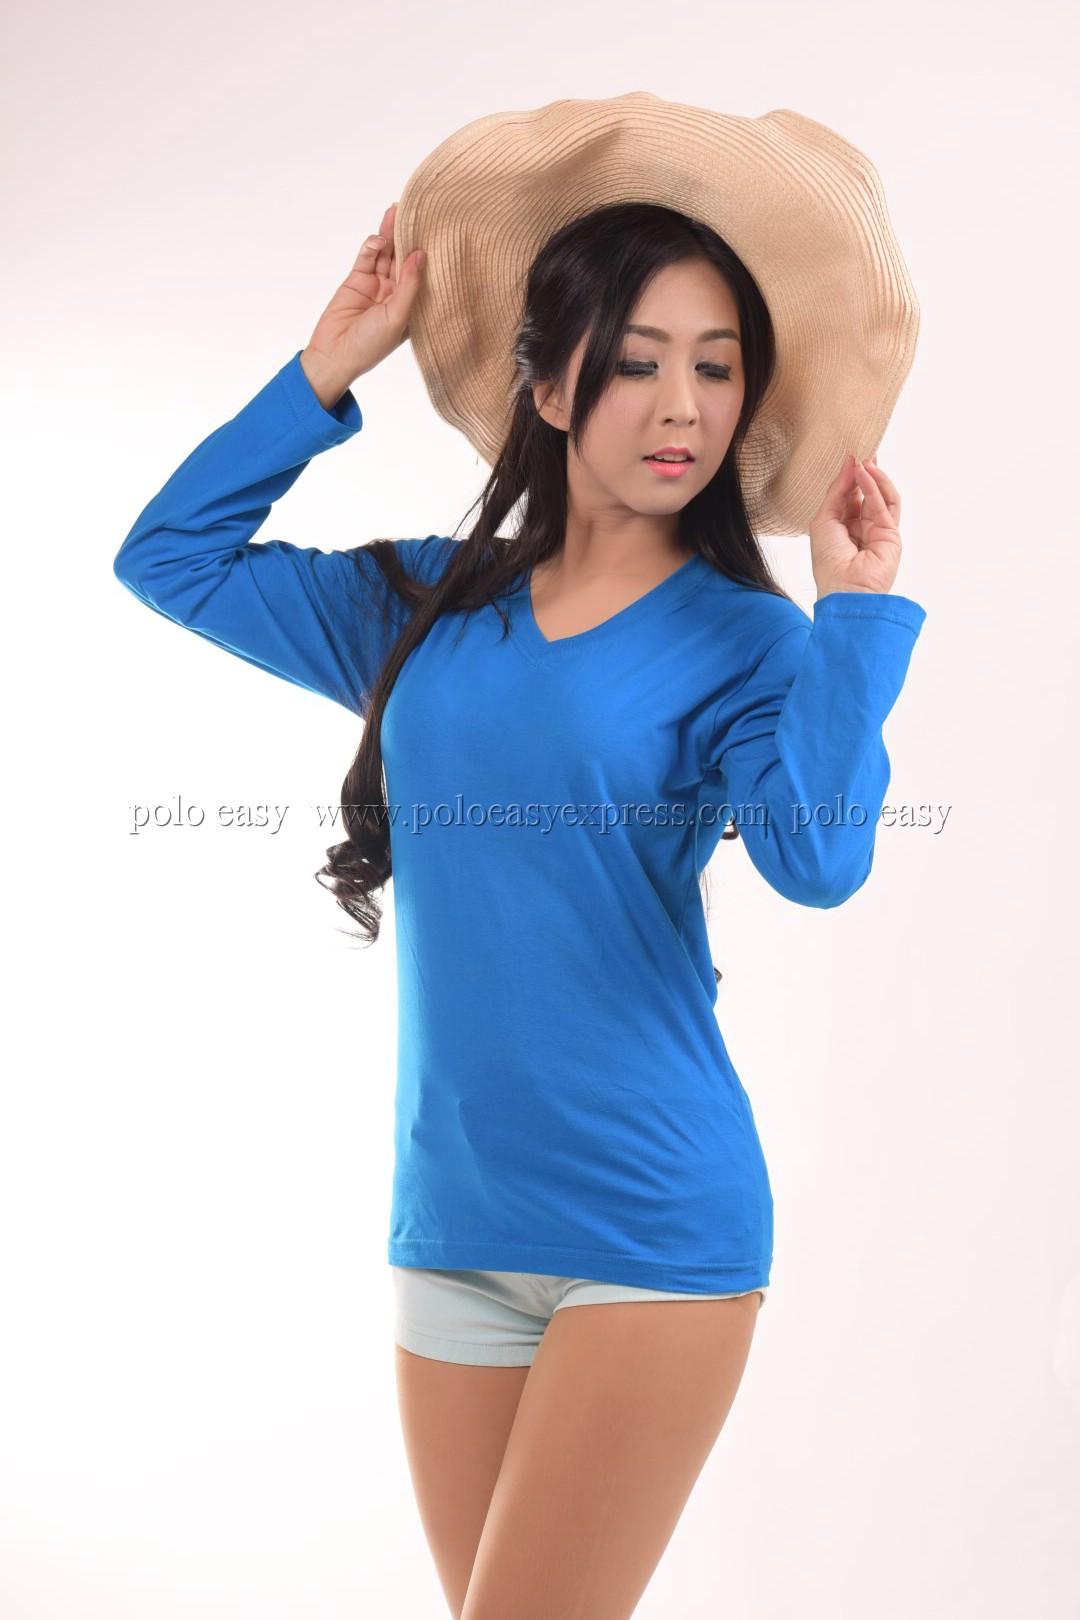 เสื้อยืด สีฟ้าทะเล คอวี แขนยาว Size M